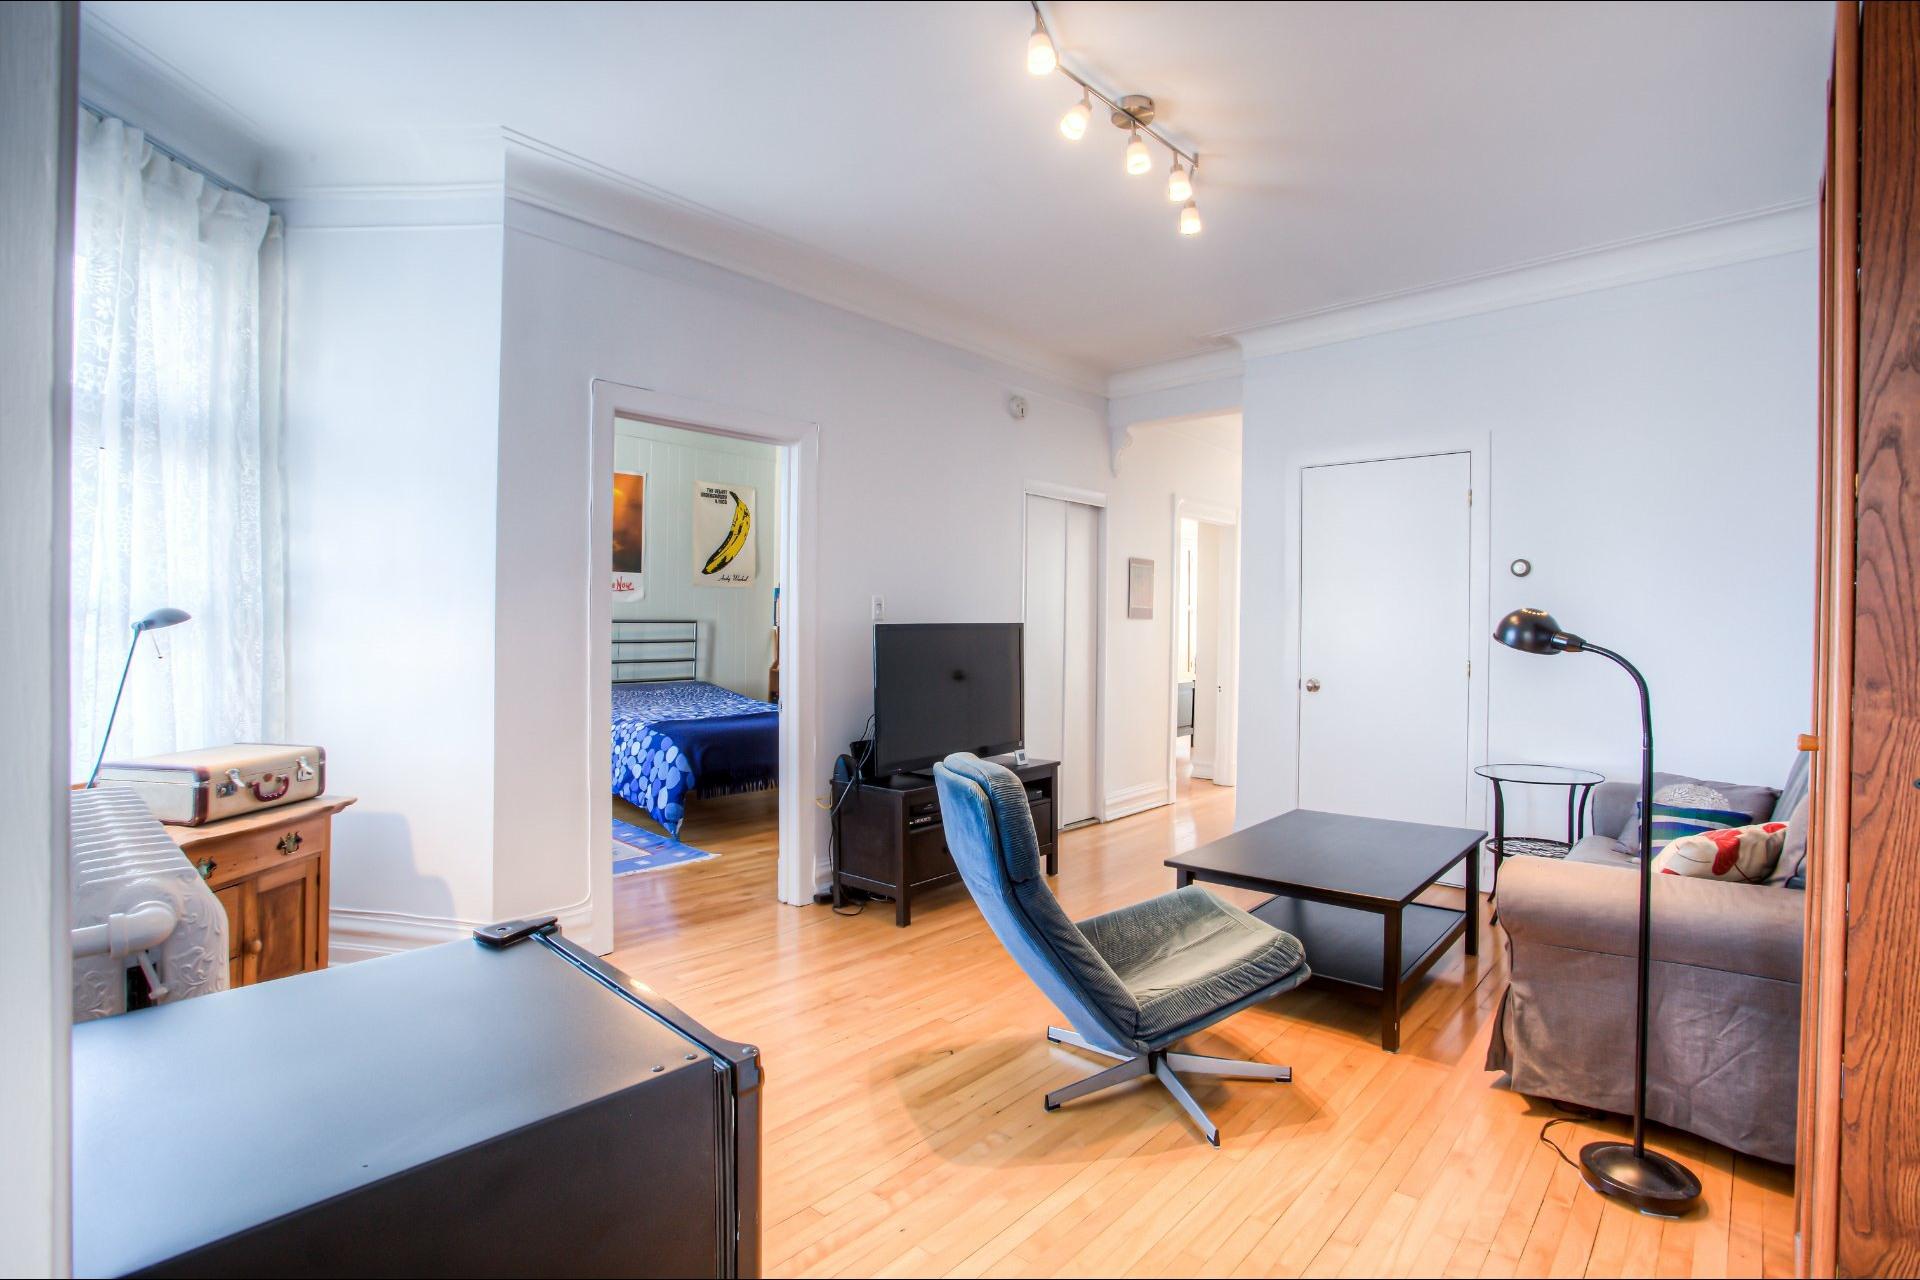 image 8 - Appartement À vendre Rosemont/La Petite-Patrie Montréal  - 8 pièces